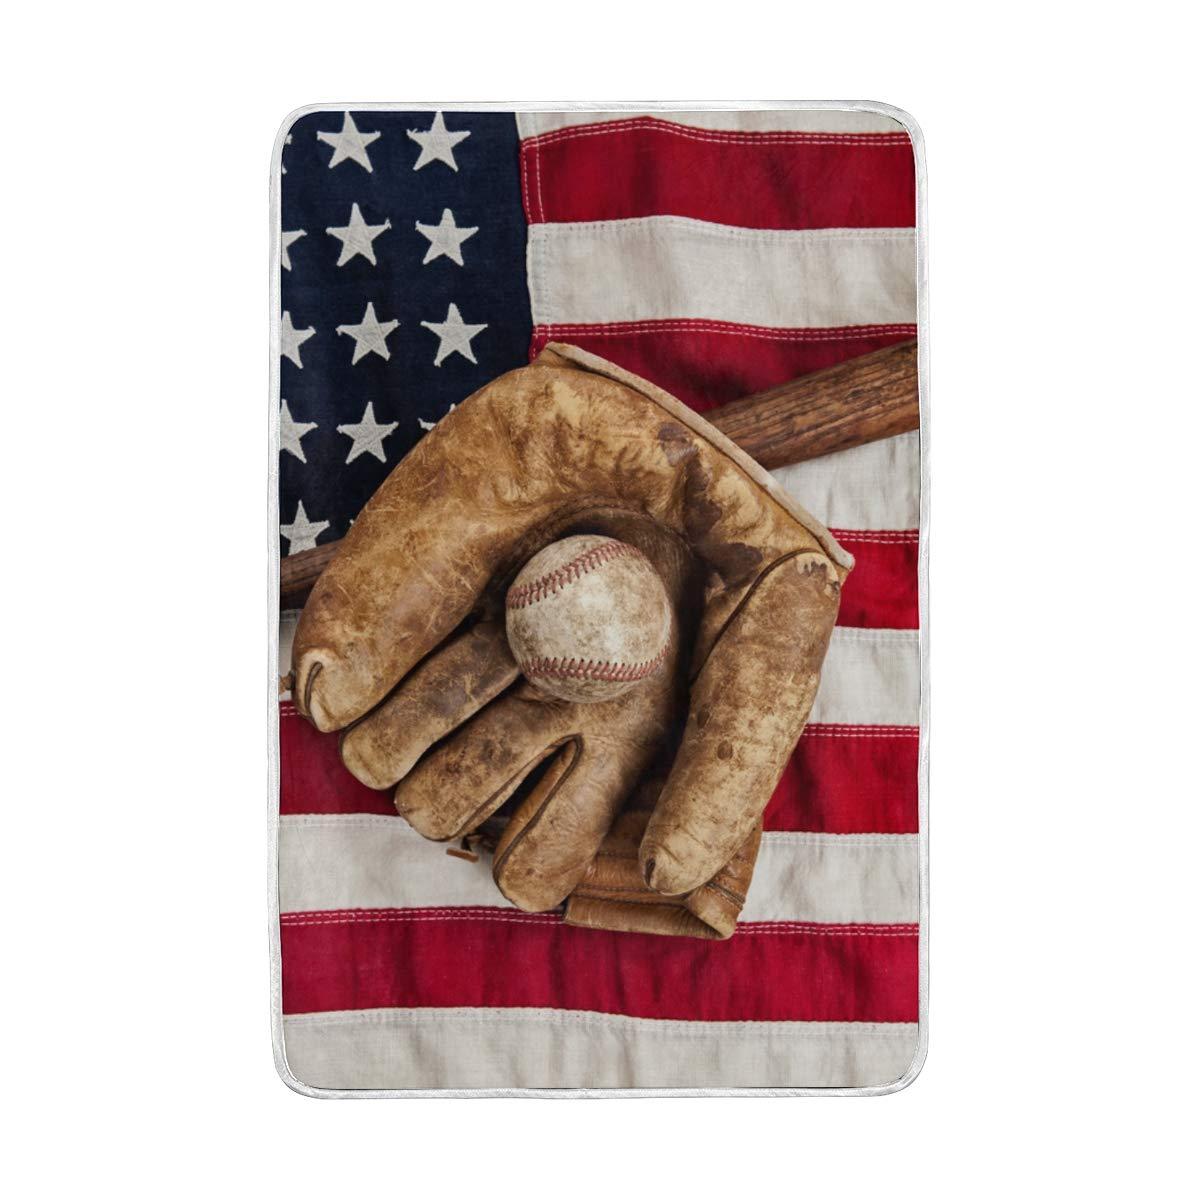 MOFEIYUE アメリカ国旗 スポーツ 野球 スロー ブランケット ソフト 暖かい マイクロファイバー ベッド カウチ ブランケット 大人 女の子 男の子 子供 60 x 90 インチ B07K2Y38W9